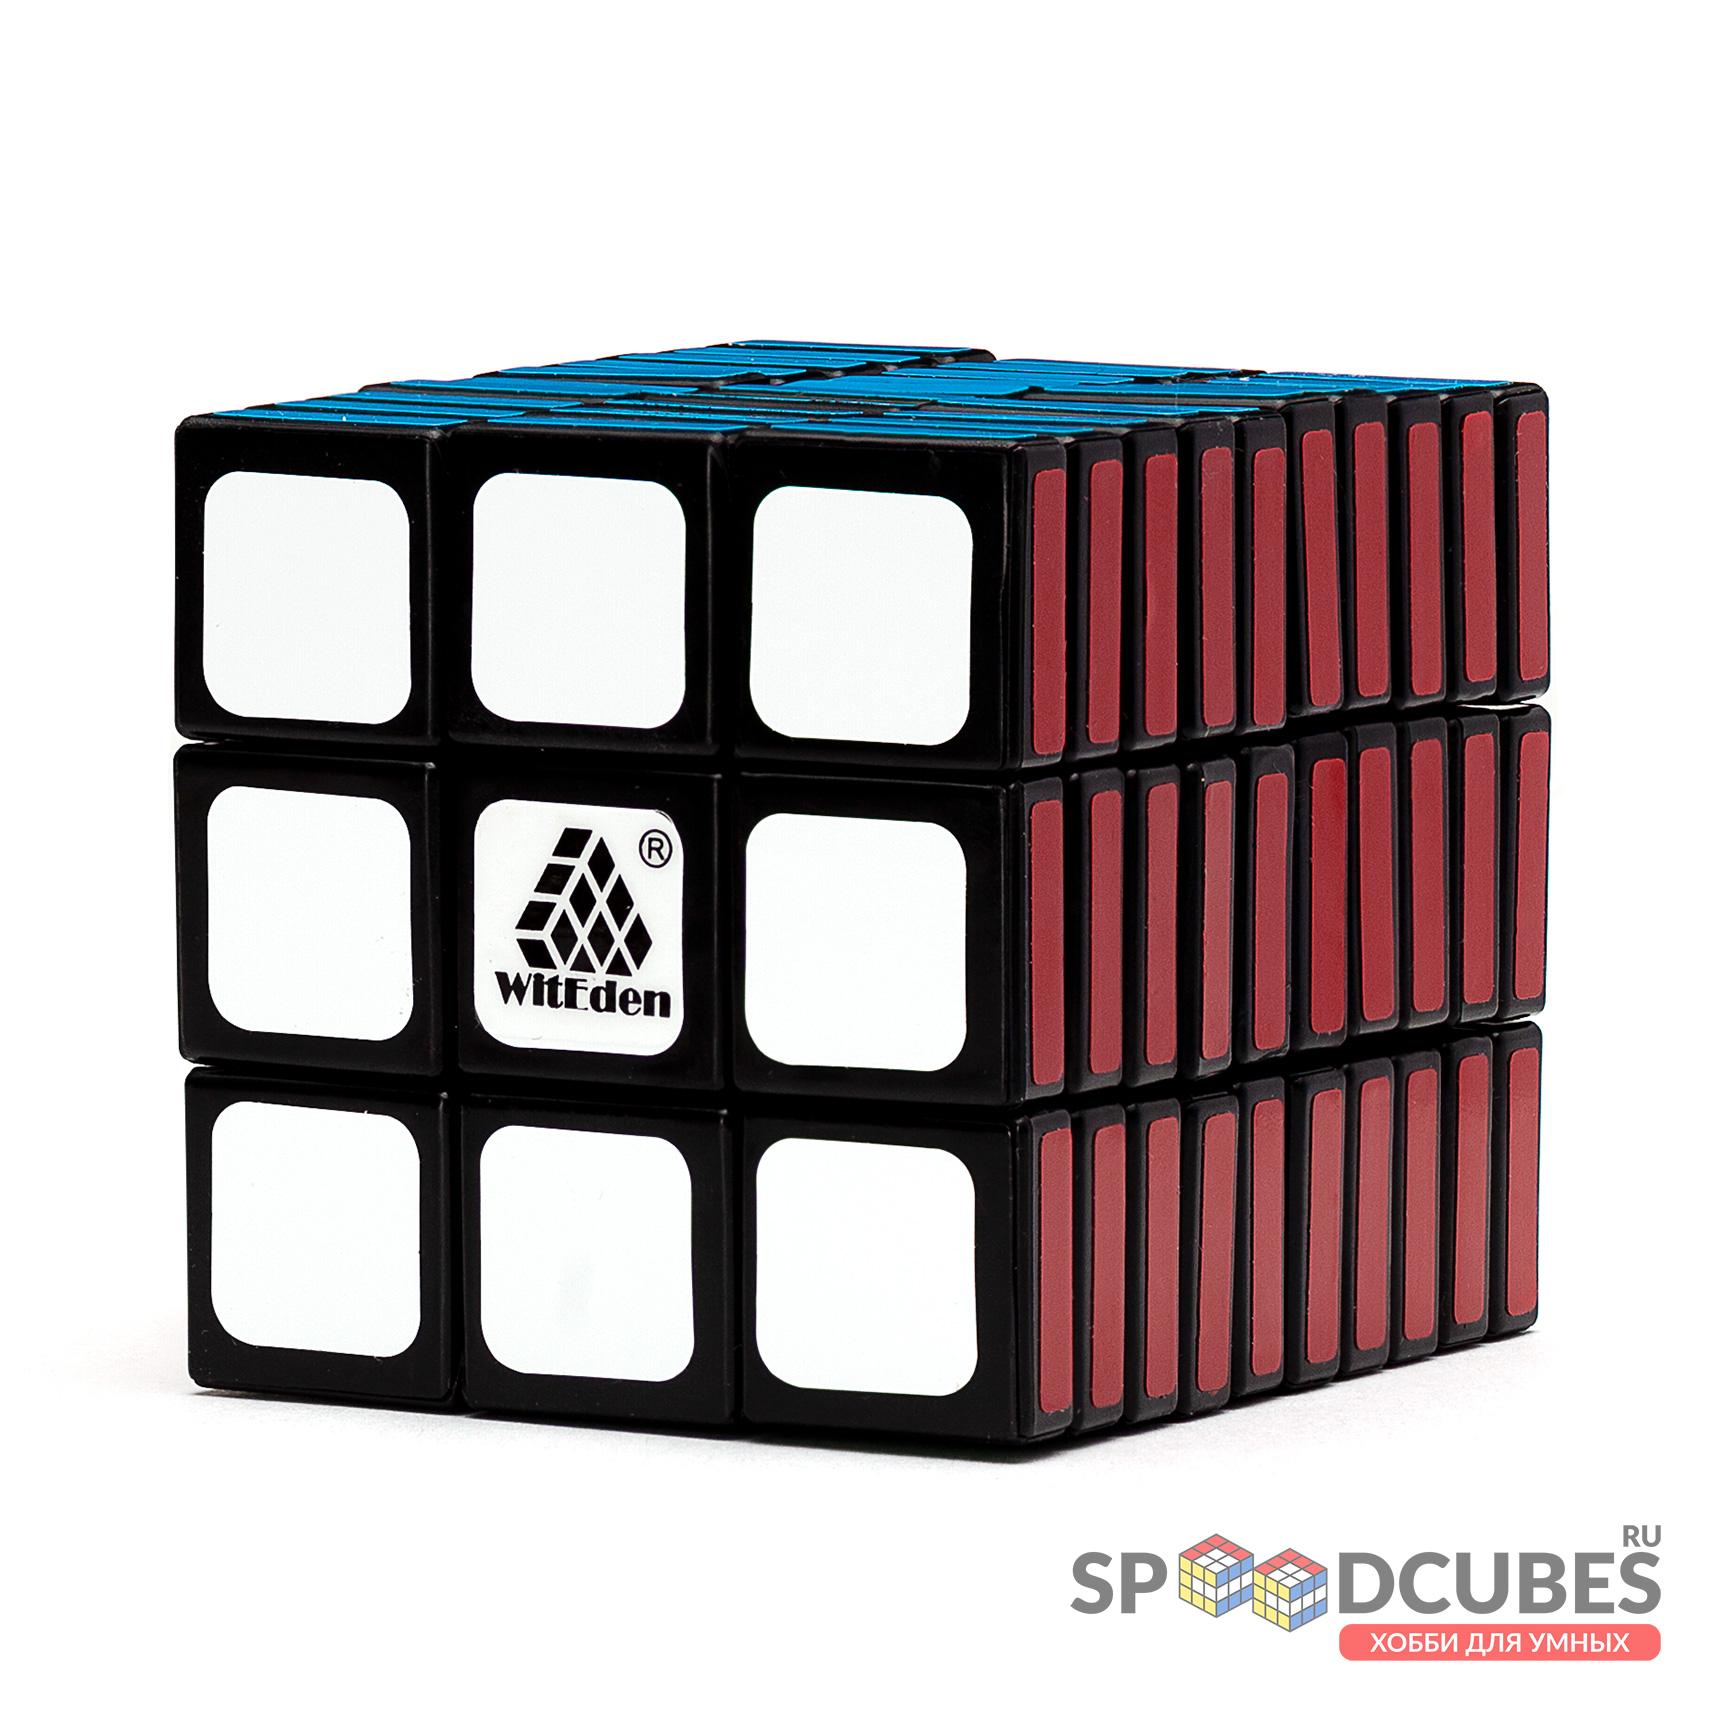 Witeden 3x3x11 I